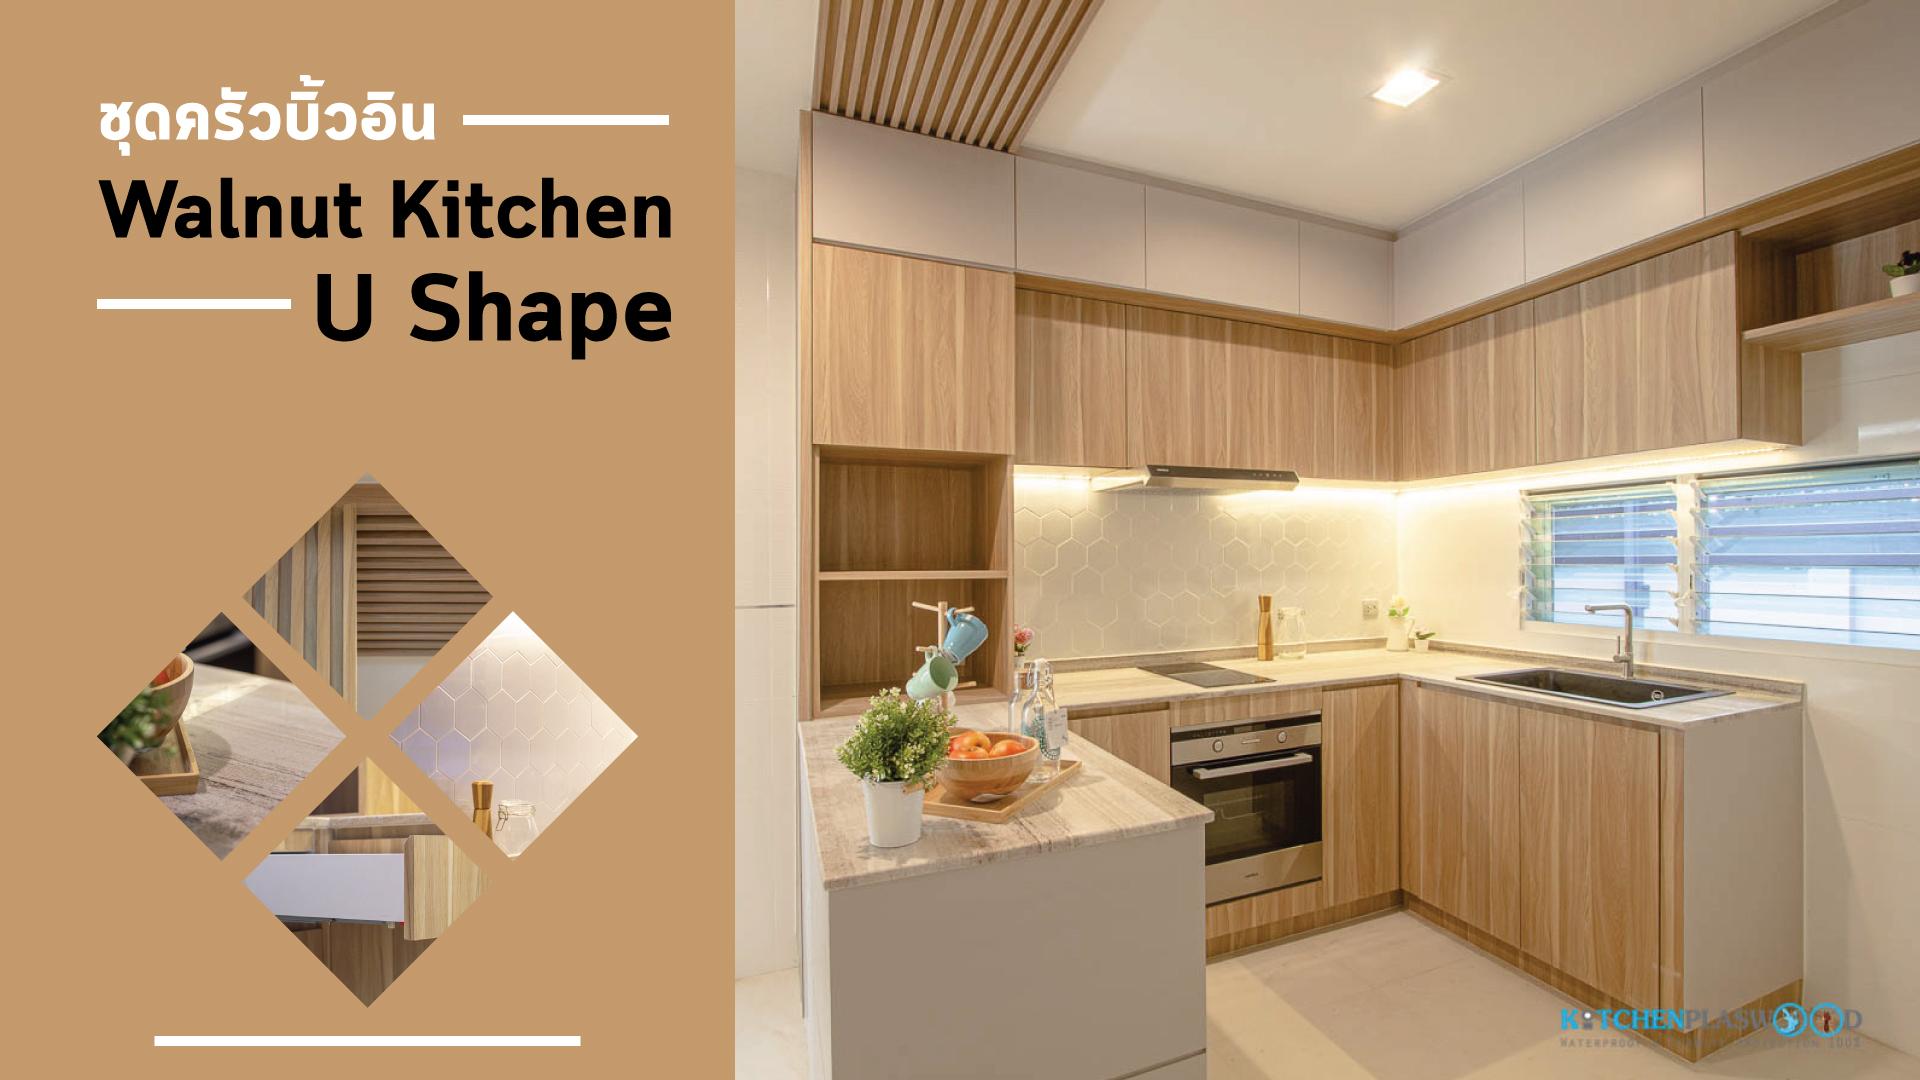 ชุดครัวบิ้วอินลายไม้, Walnut, ชุดครัวสไตล์โมเดิร์น, U Shape Kitchen,